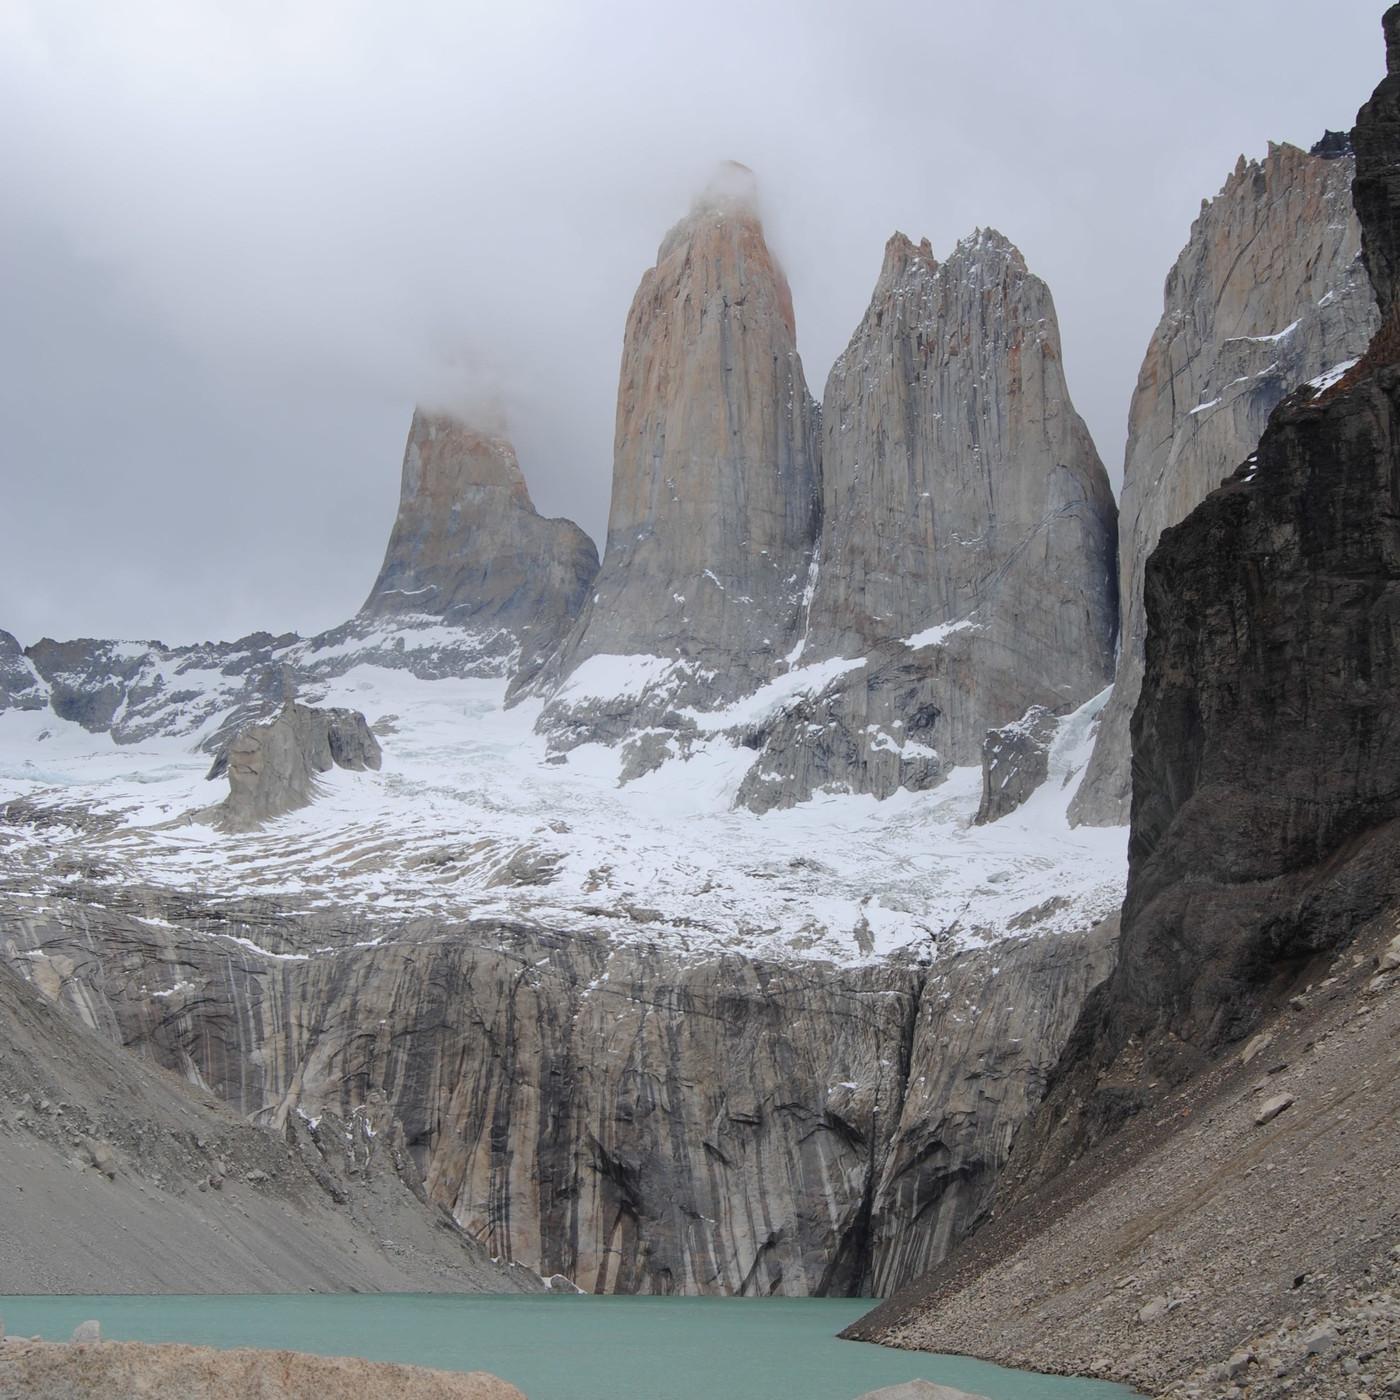 33.- Mochileros en la Patagonia, en Las Torres del Paine - 2a parte (con Mar P.).